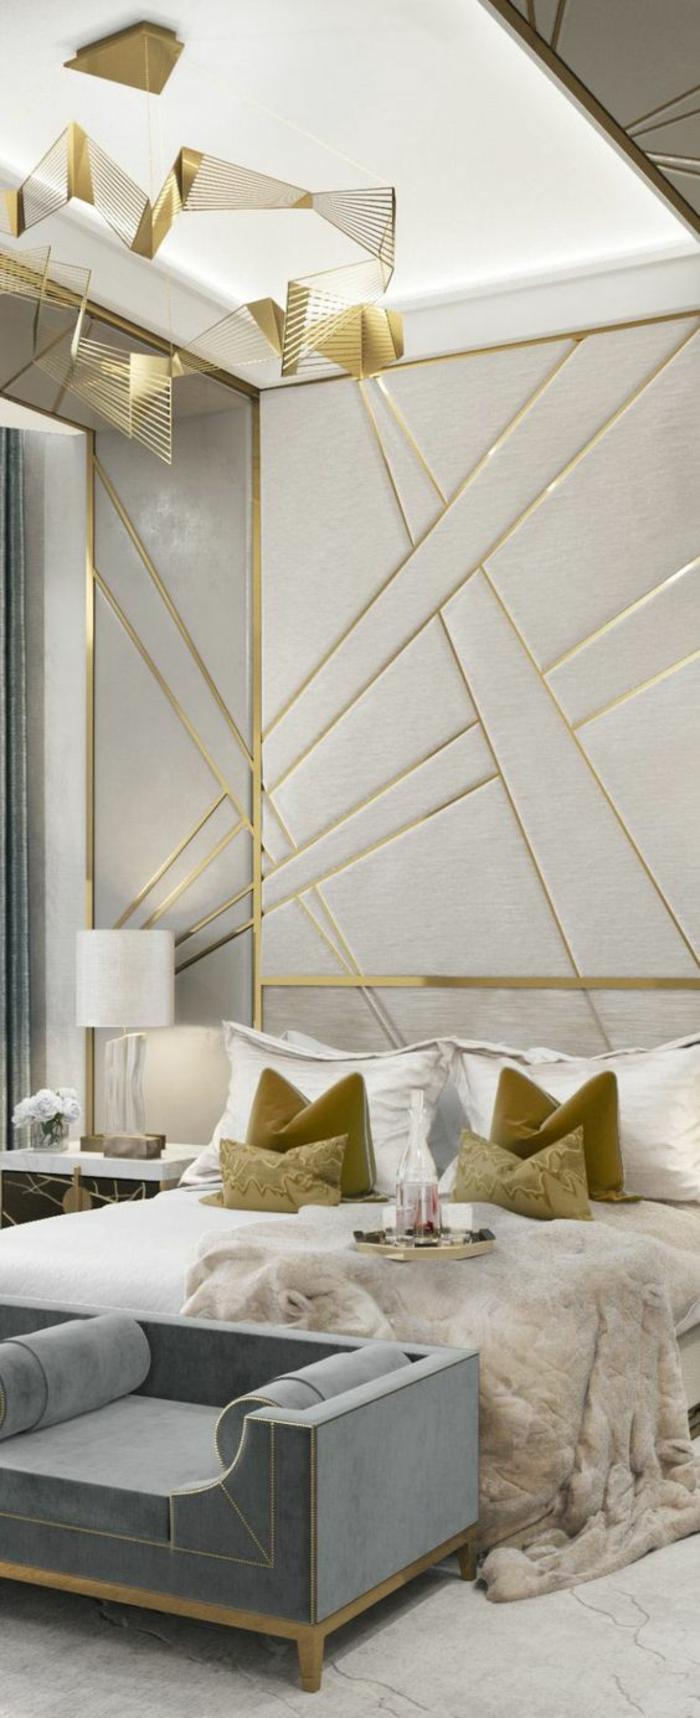 chambre design aux accents dorés et couleur colombe neutralité des couleurs et brillance des détails